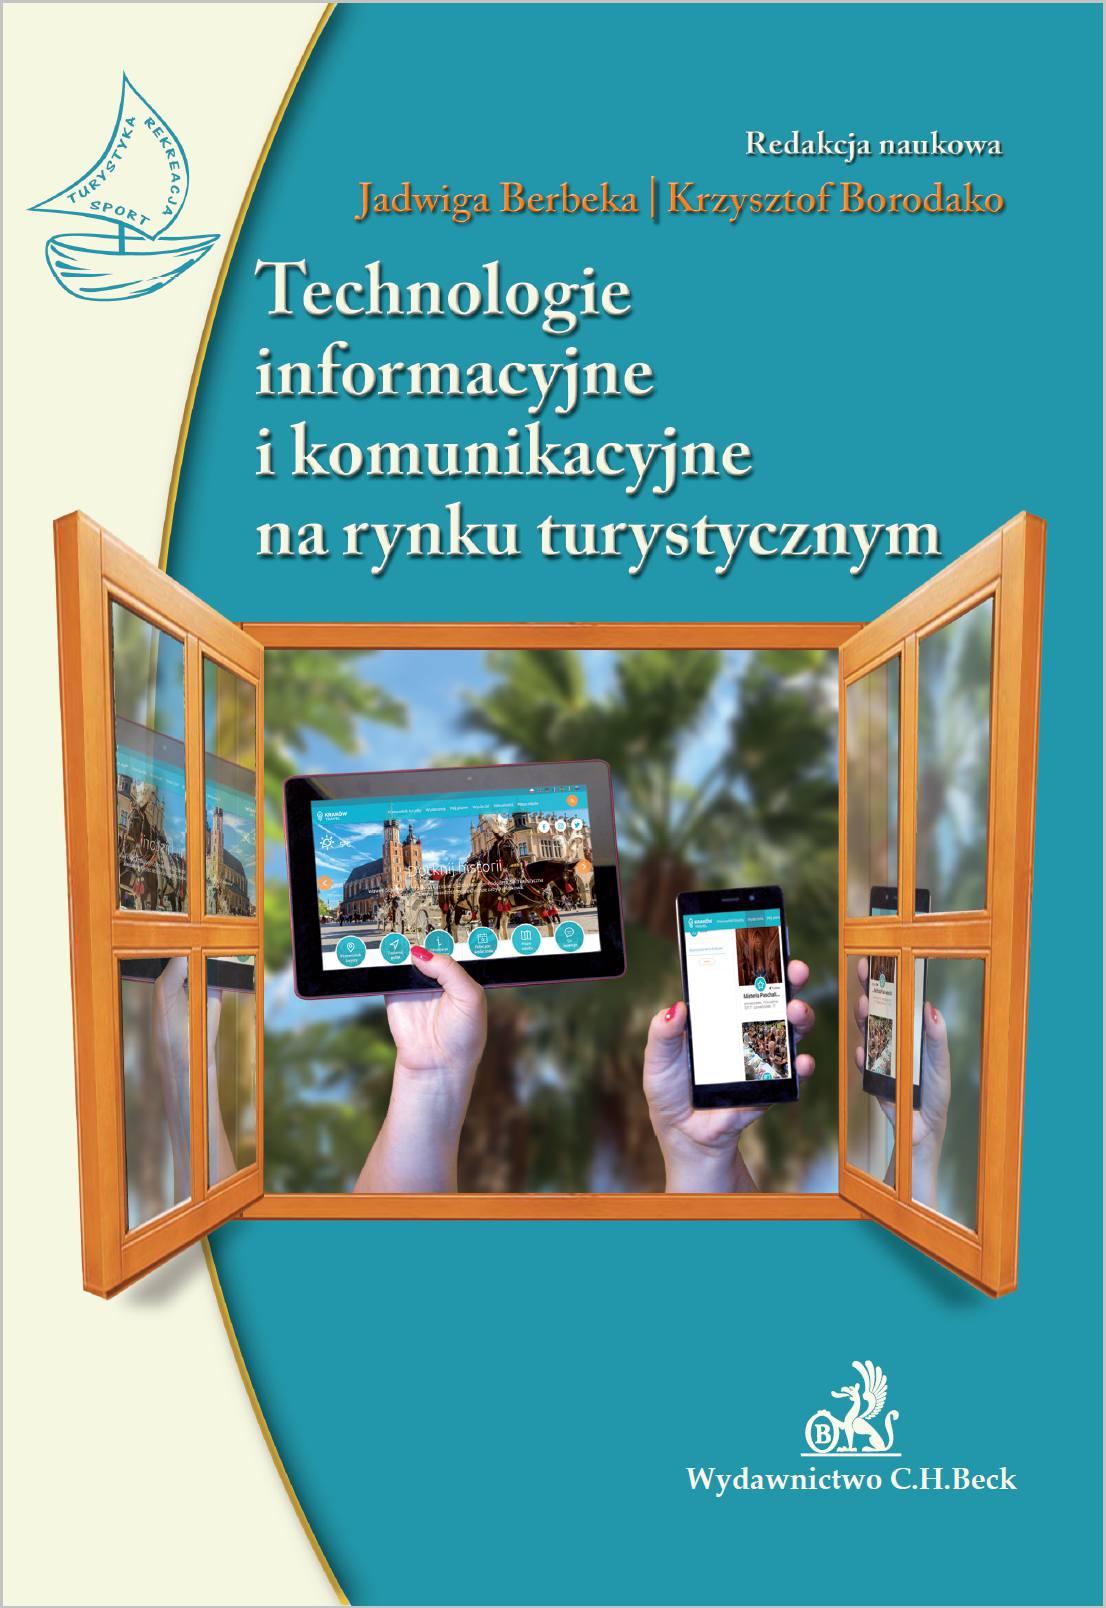 Technologie informacyjne i komunikacyjne na rynku turystycznym - Ebook (Książka PDF) do pobrania w formacie PDF